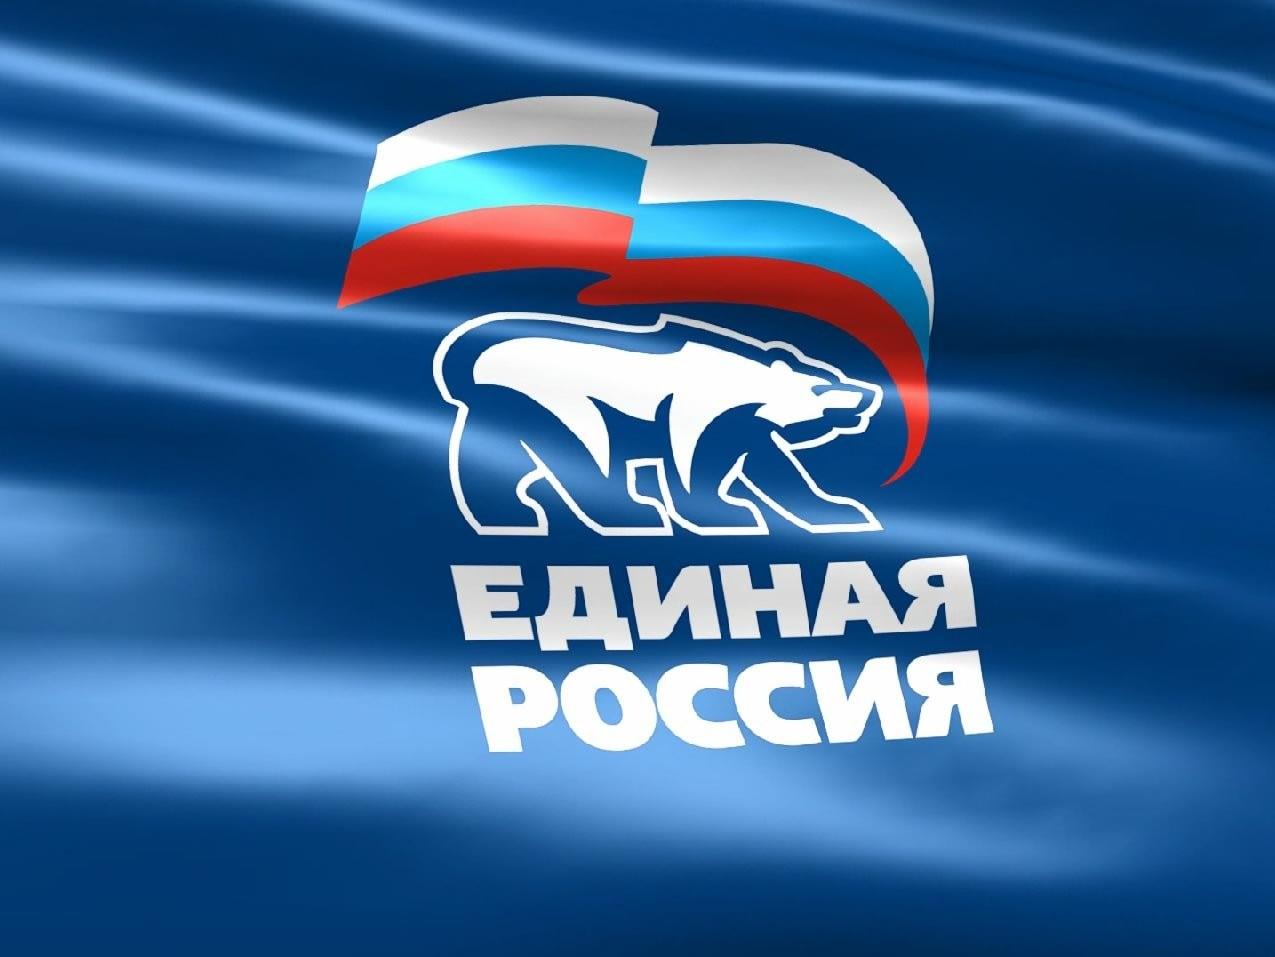 Рейтинг «Единой России» упал впреддверии выборов